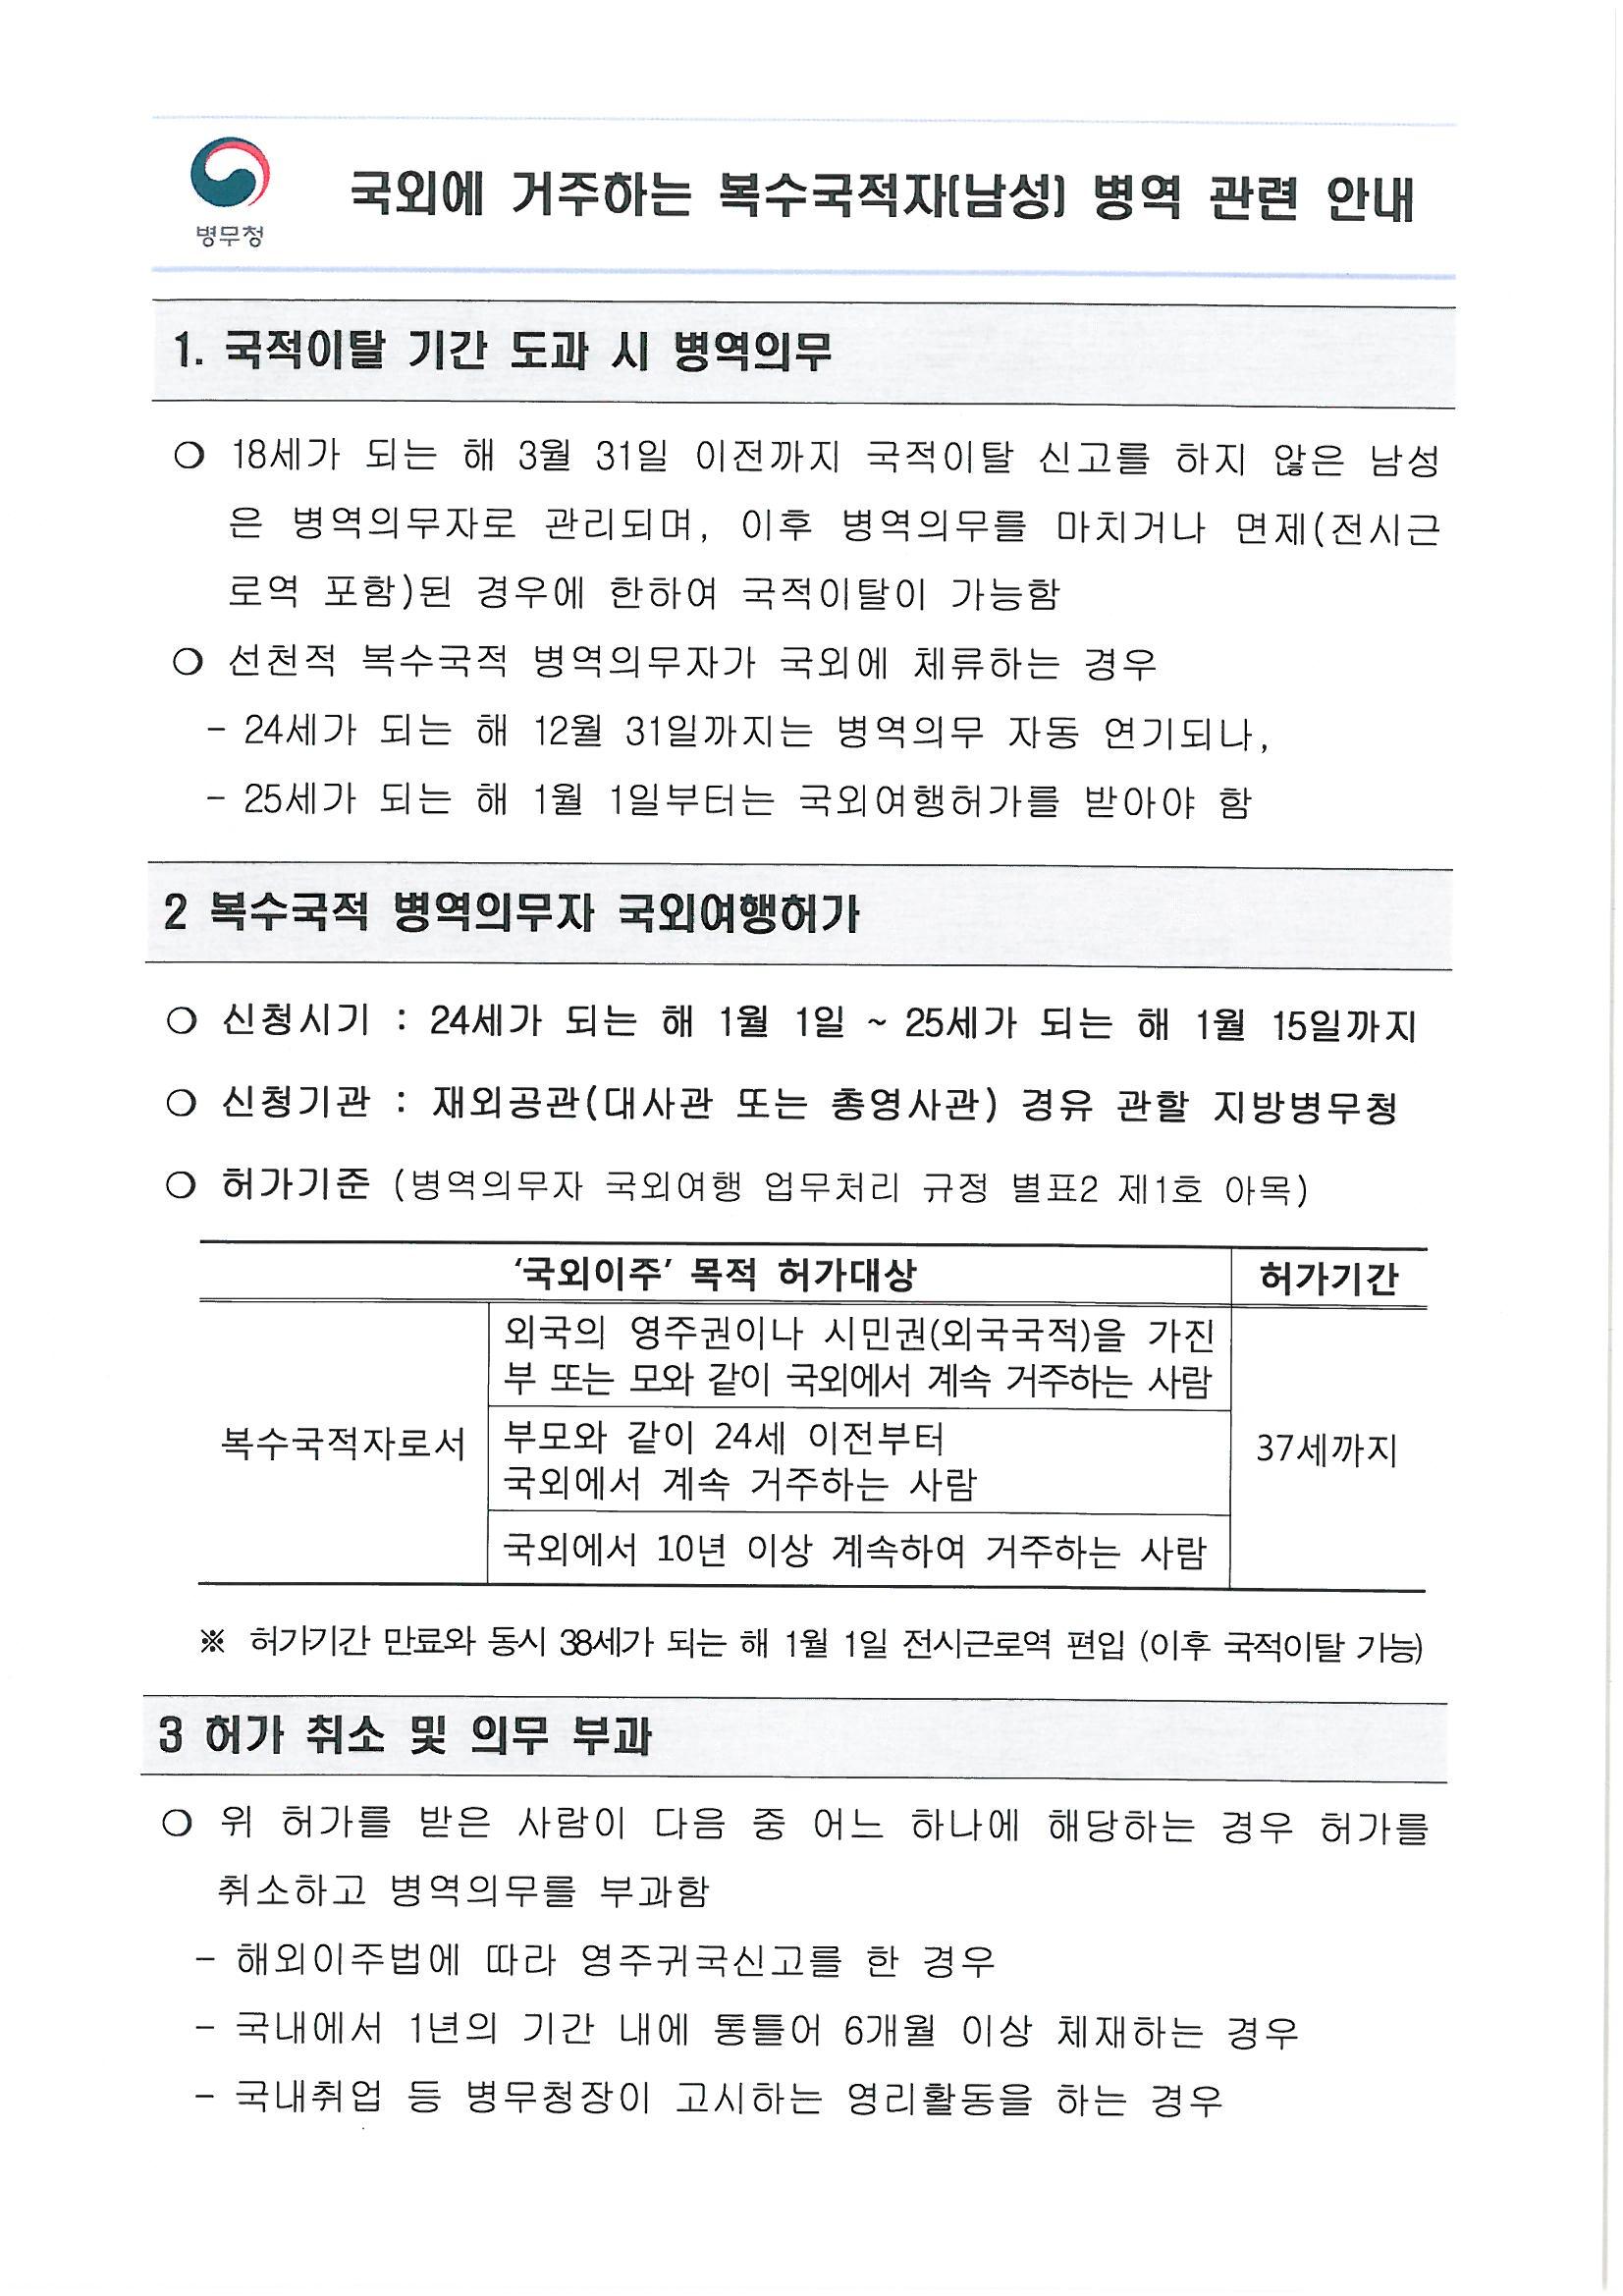 국적선택 홍보 자료(한인회장님)_페이지_06.jpg